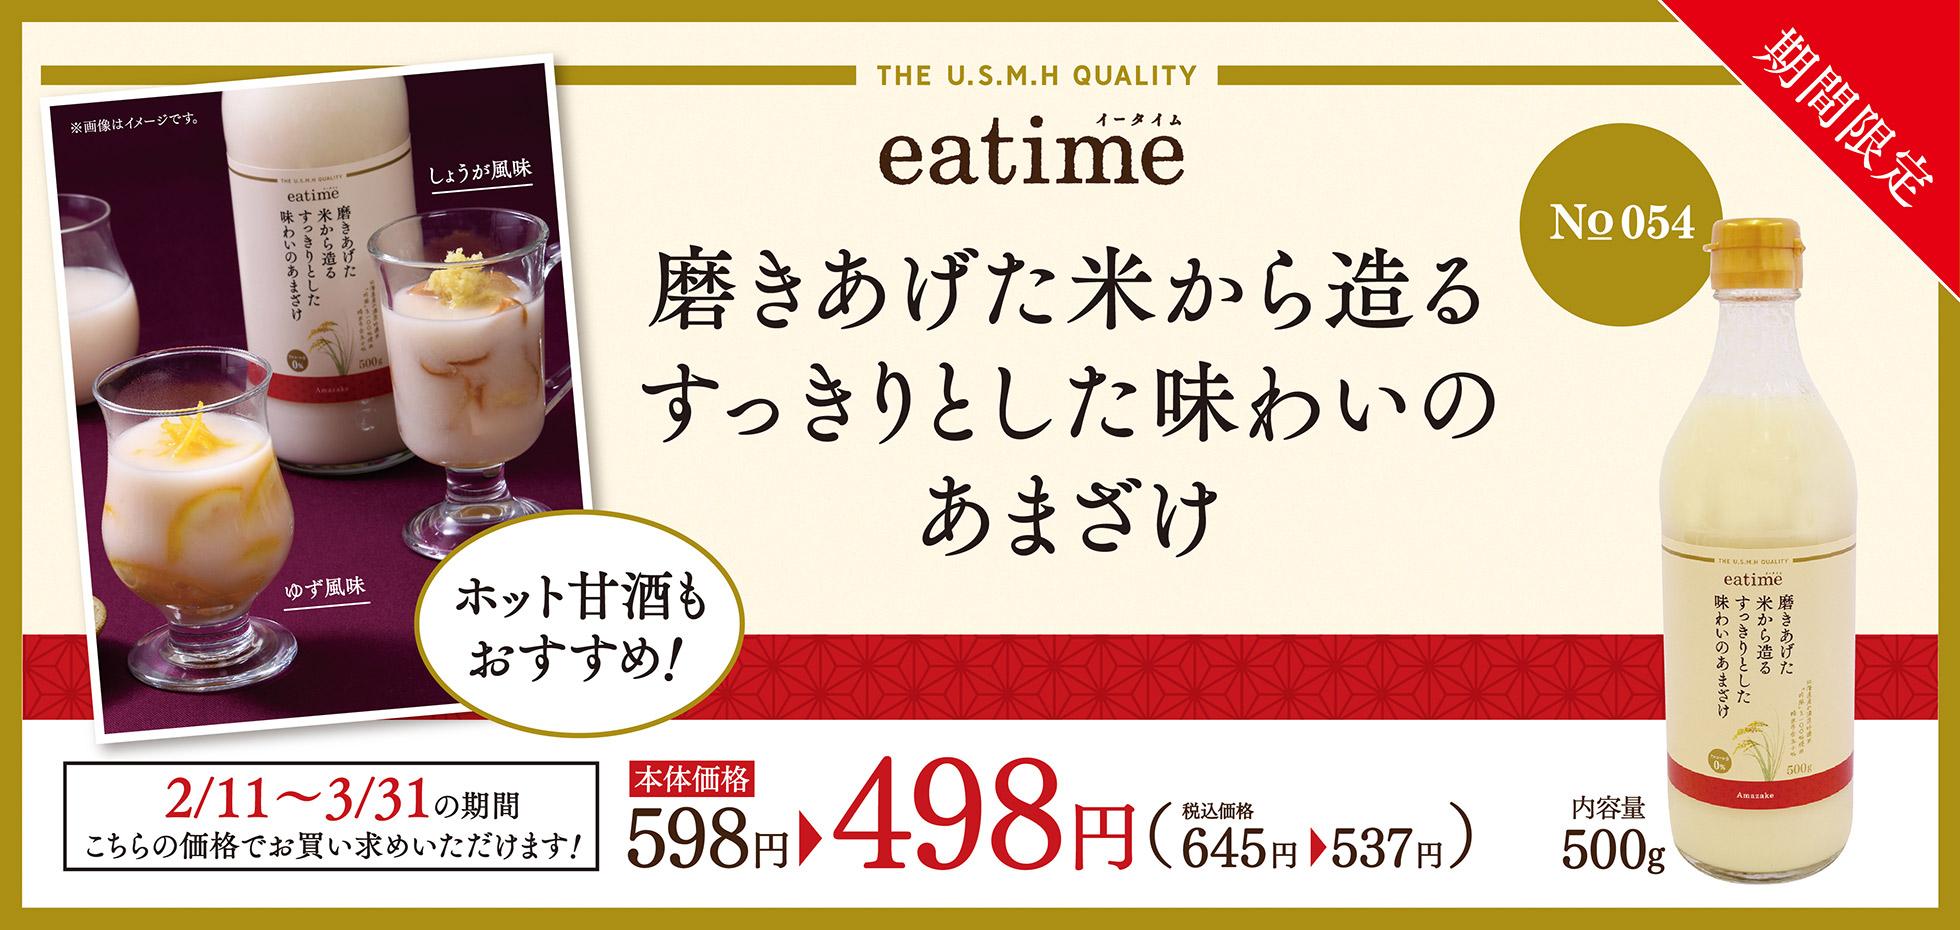 eatime 磨きあげた米から造るすっきりとした味わいのあまざけ 498円